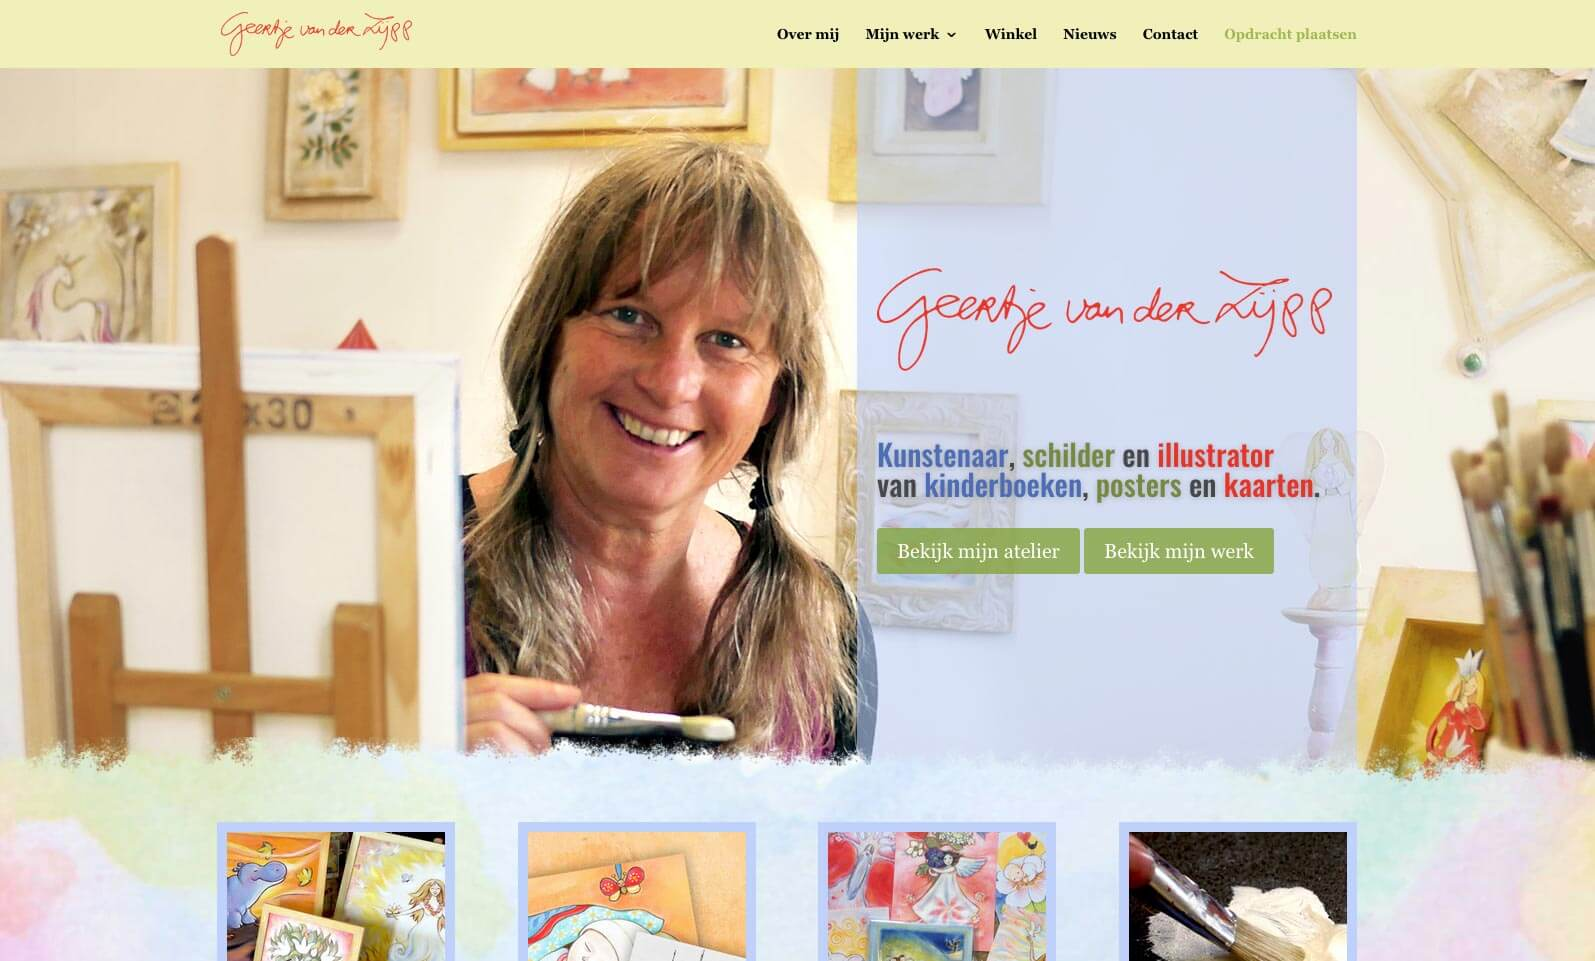 Ruiter Fotografie huisstijl kleuren aanvullend op het logo